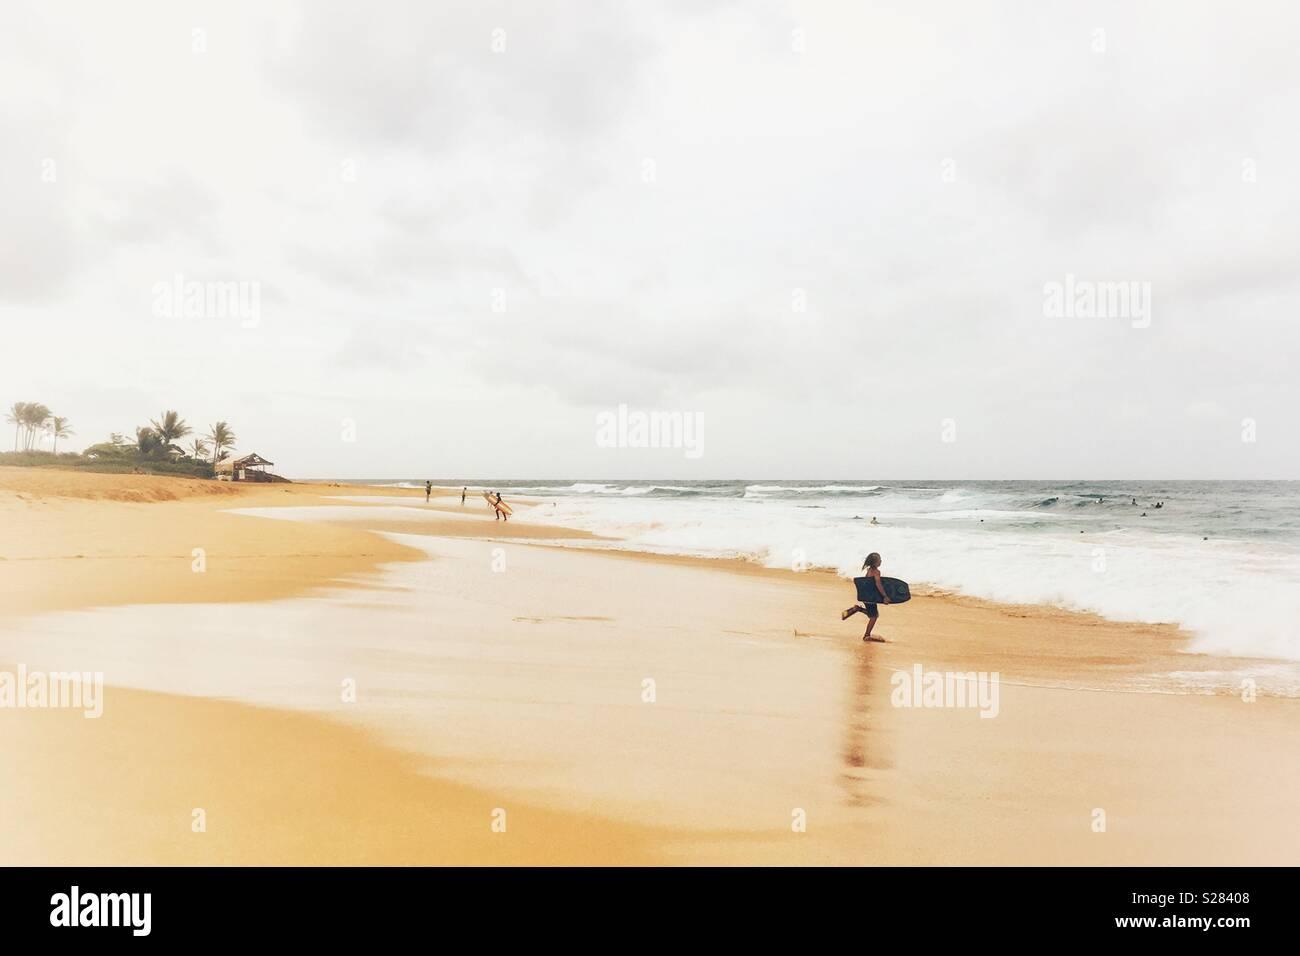 Ein boogie boarder Mann mit kurzen Flossen läuft am Strand ins Meer. Platz für Kopieren. Stockbild